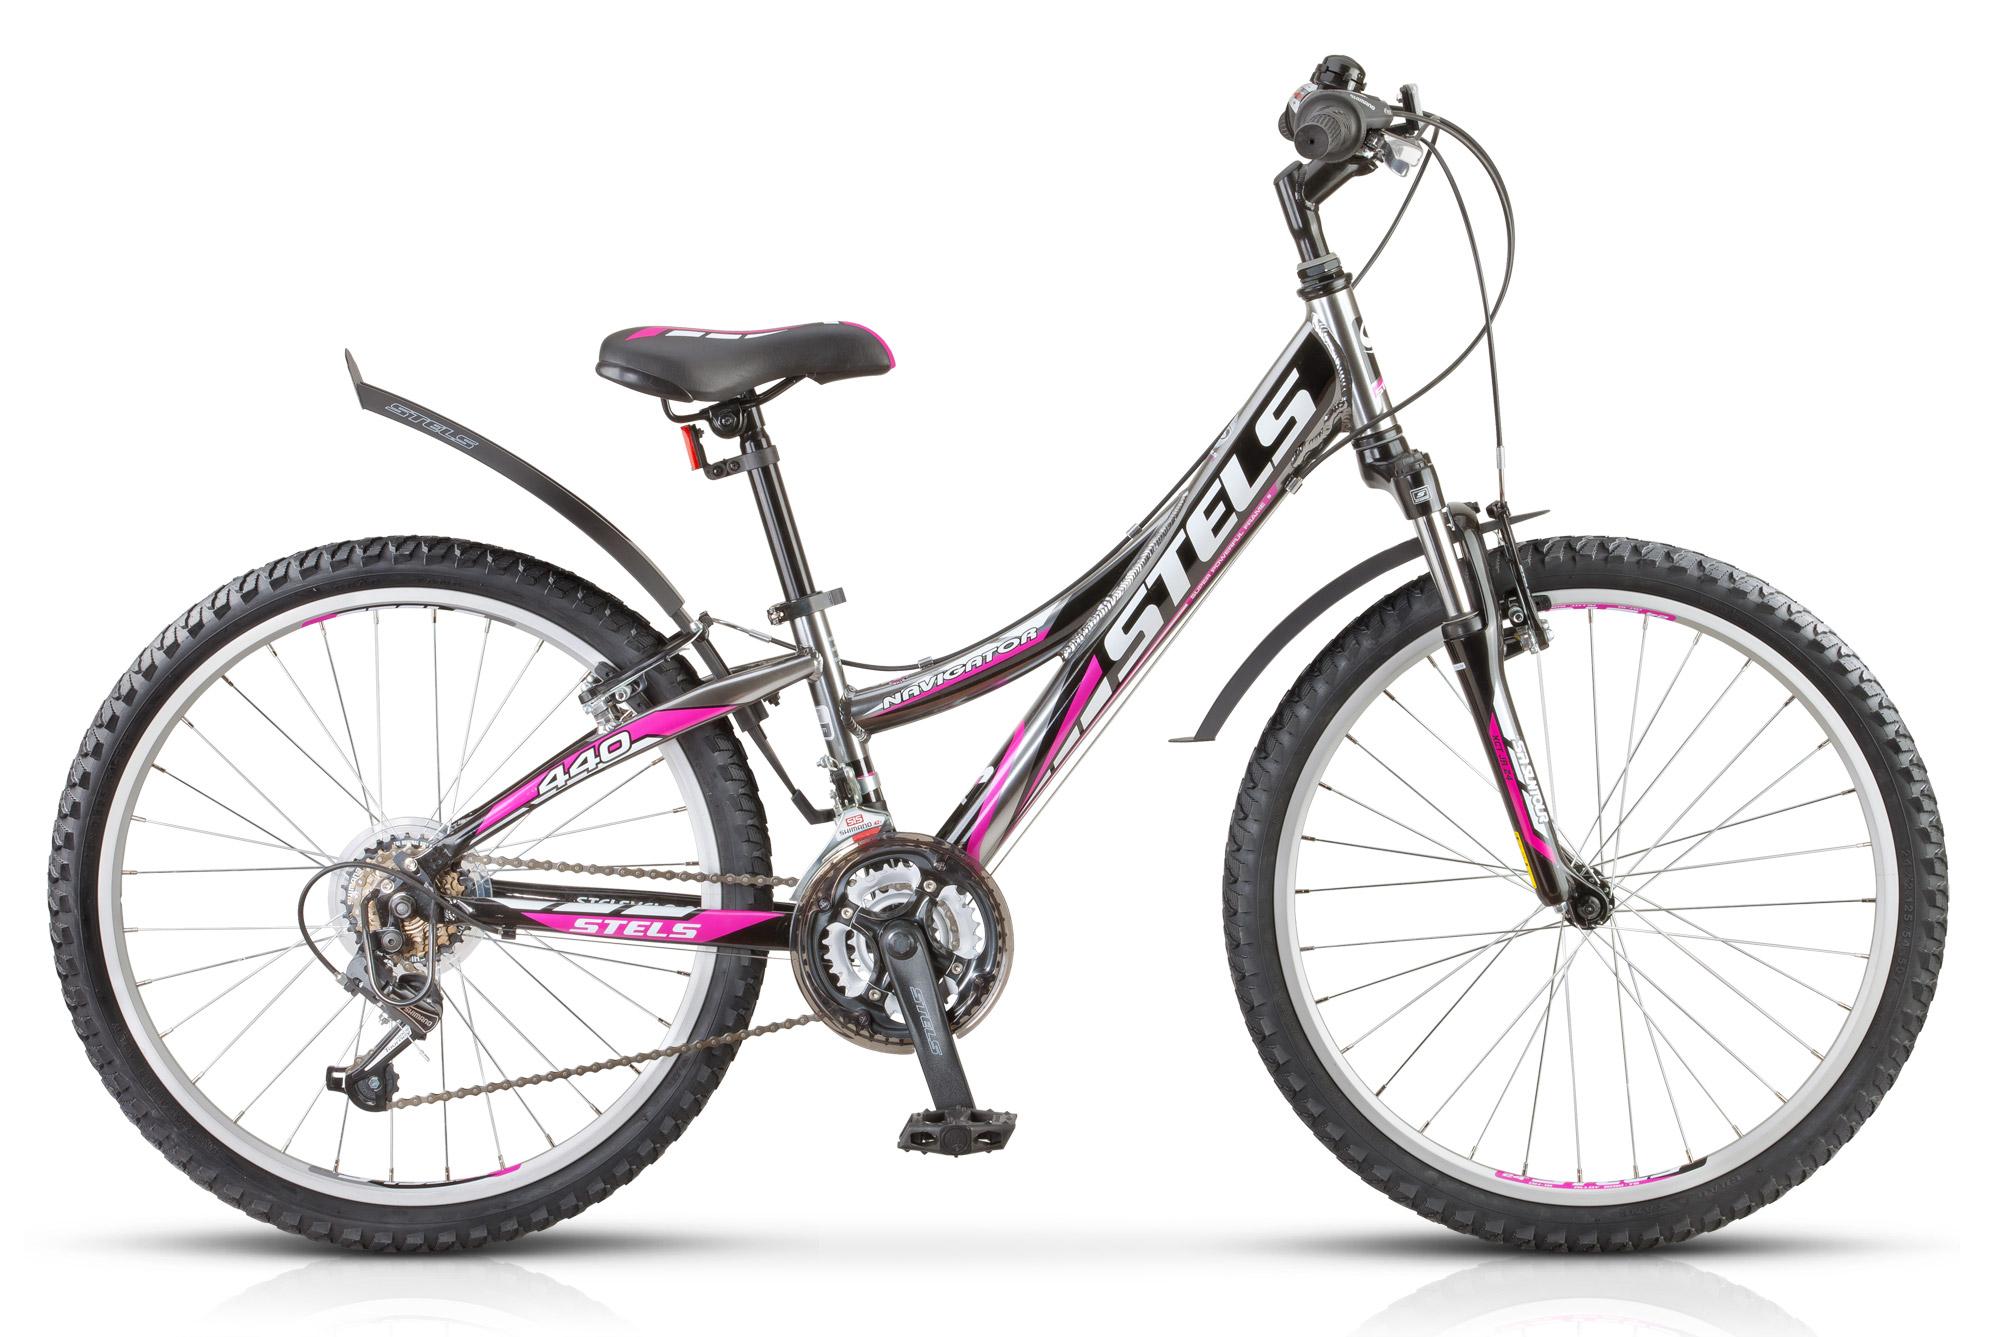 Велосипед Stels Navigator-440 V 24.15Велосипеды Stels<br>Подростковый горный велосипед Navigator 440, со специально разработанной рамой особой геометрии, подходит как для мальчиков, так и для девочек. Регулируемое по уровню высоты седло. Также одним из достоинств Навигатор 440 является облегченная алюминиевая р...<br>